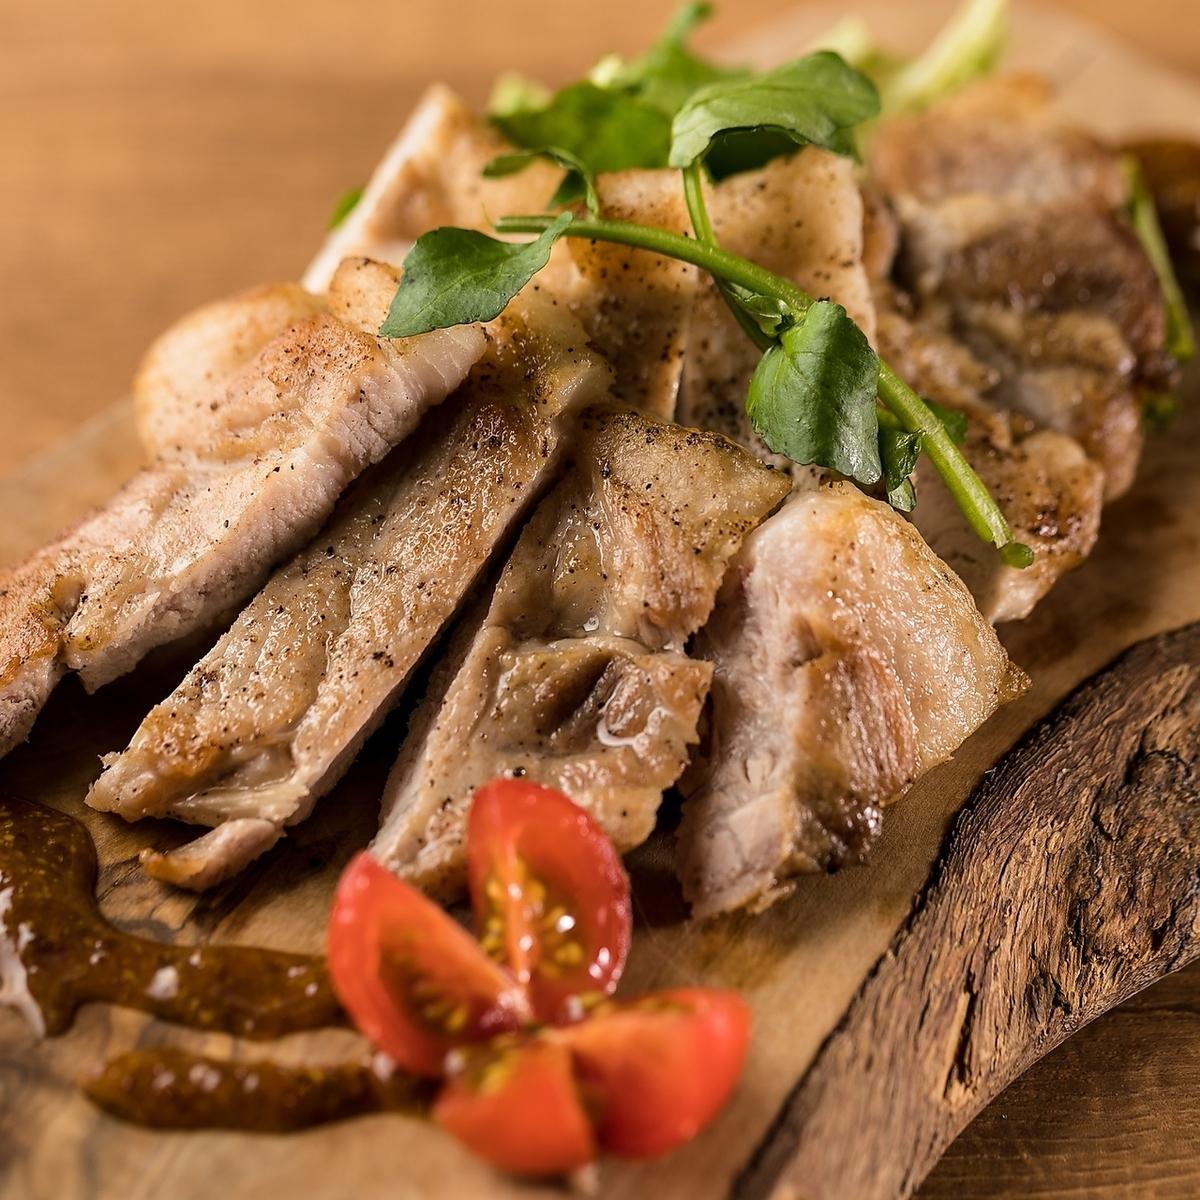 岩手県最高級銘柄 岩中豚のロースステーキ